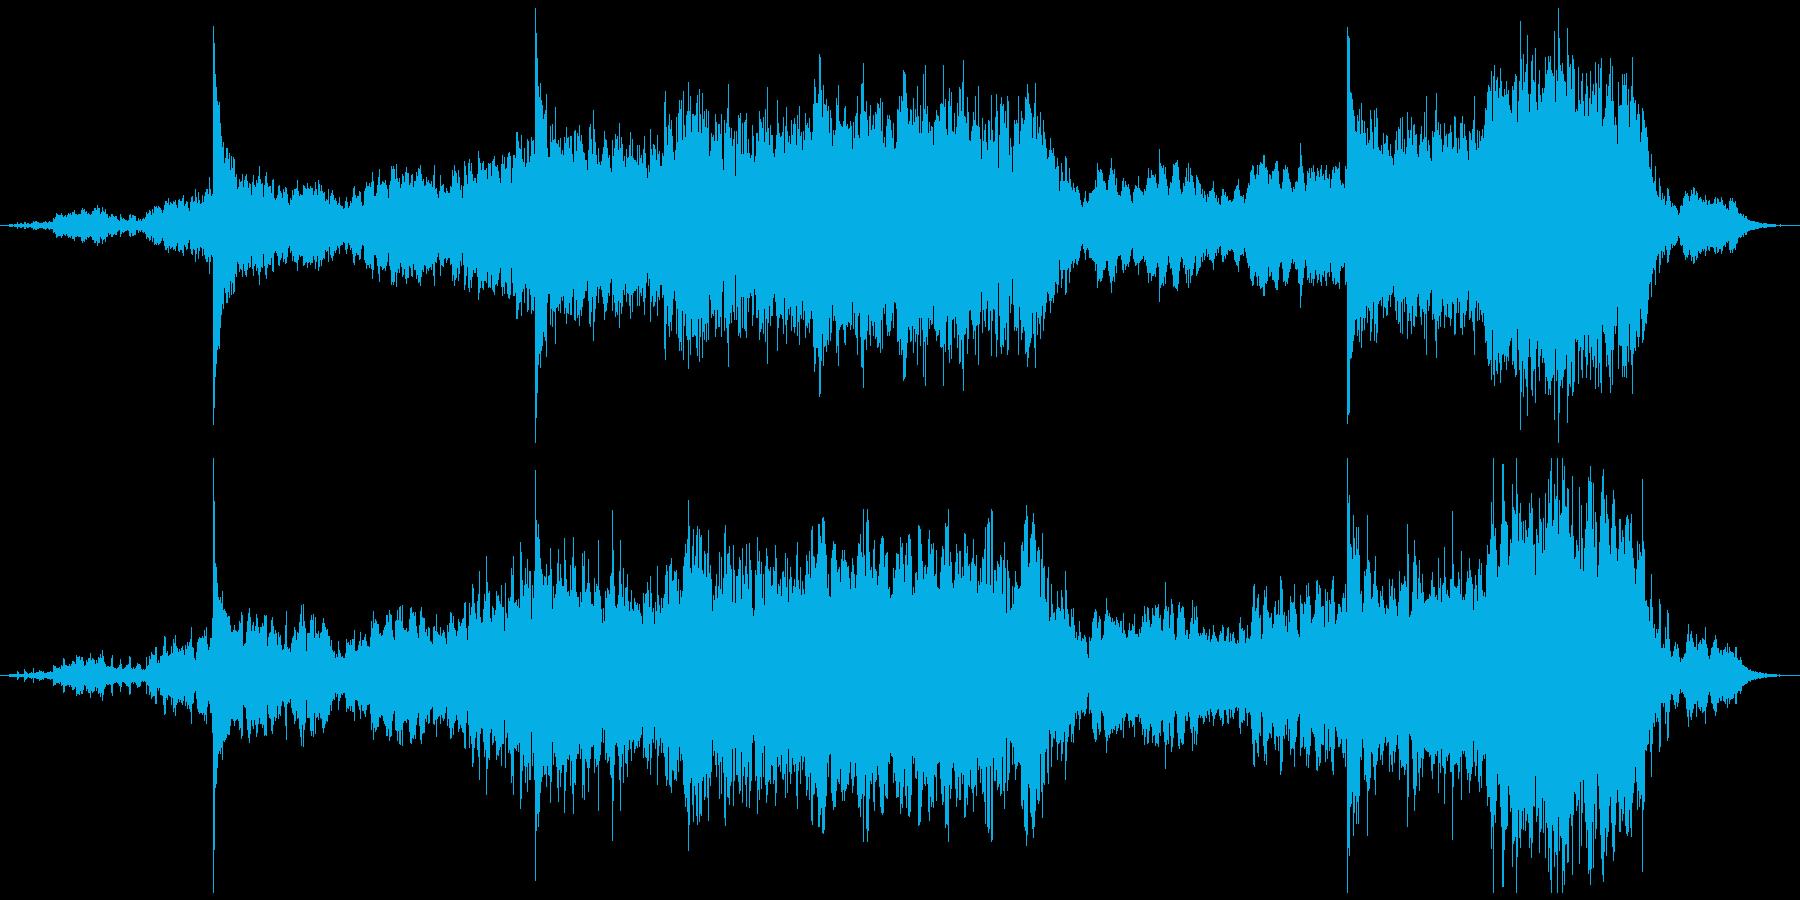 和楽器やシンセ等を使用したアンビエントの再生済みの波形